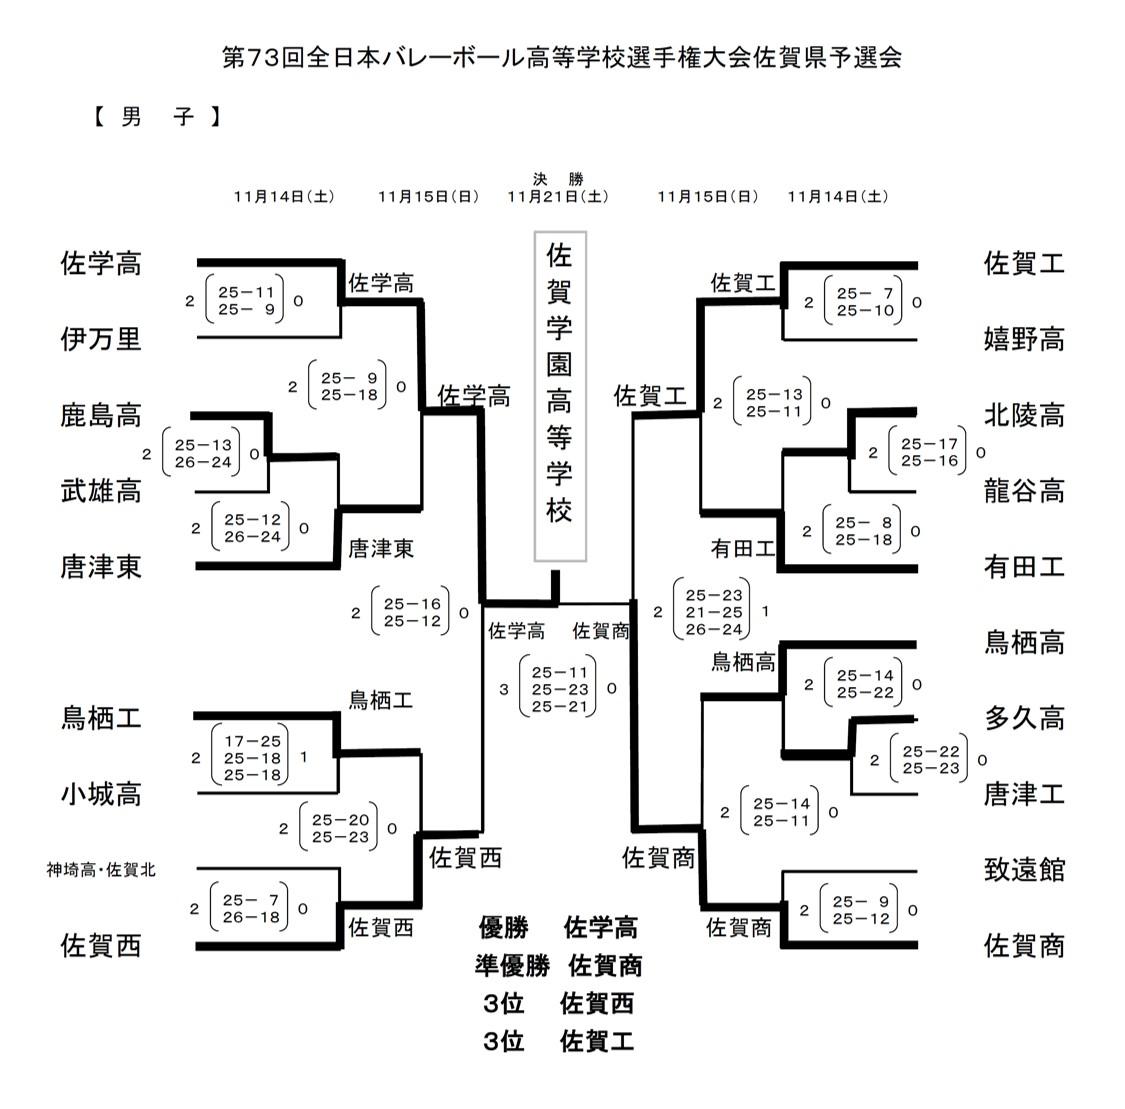 2020年度_全日本高校選手権_佐賀予選_男子_最終結果